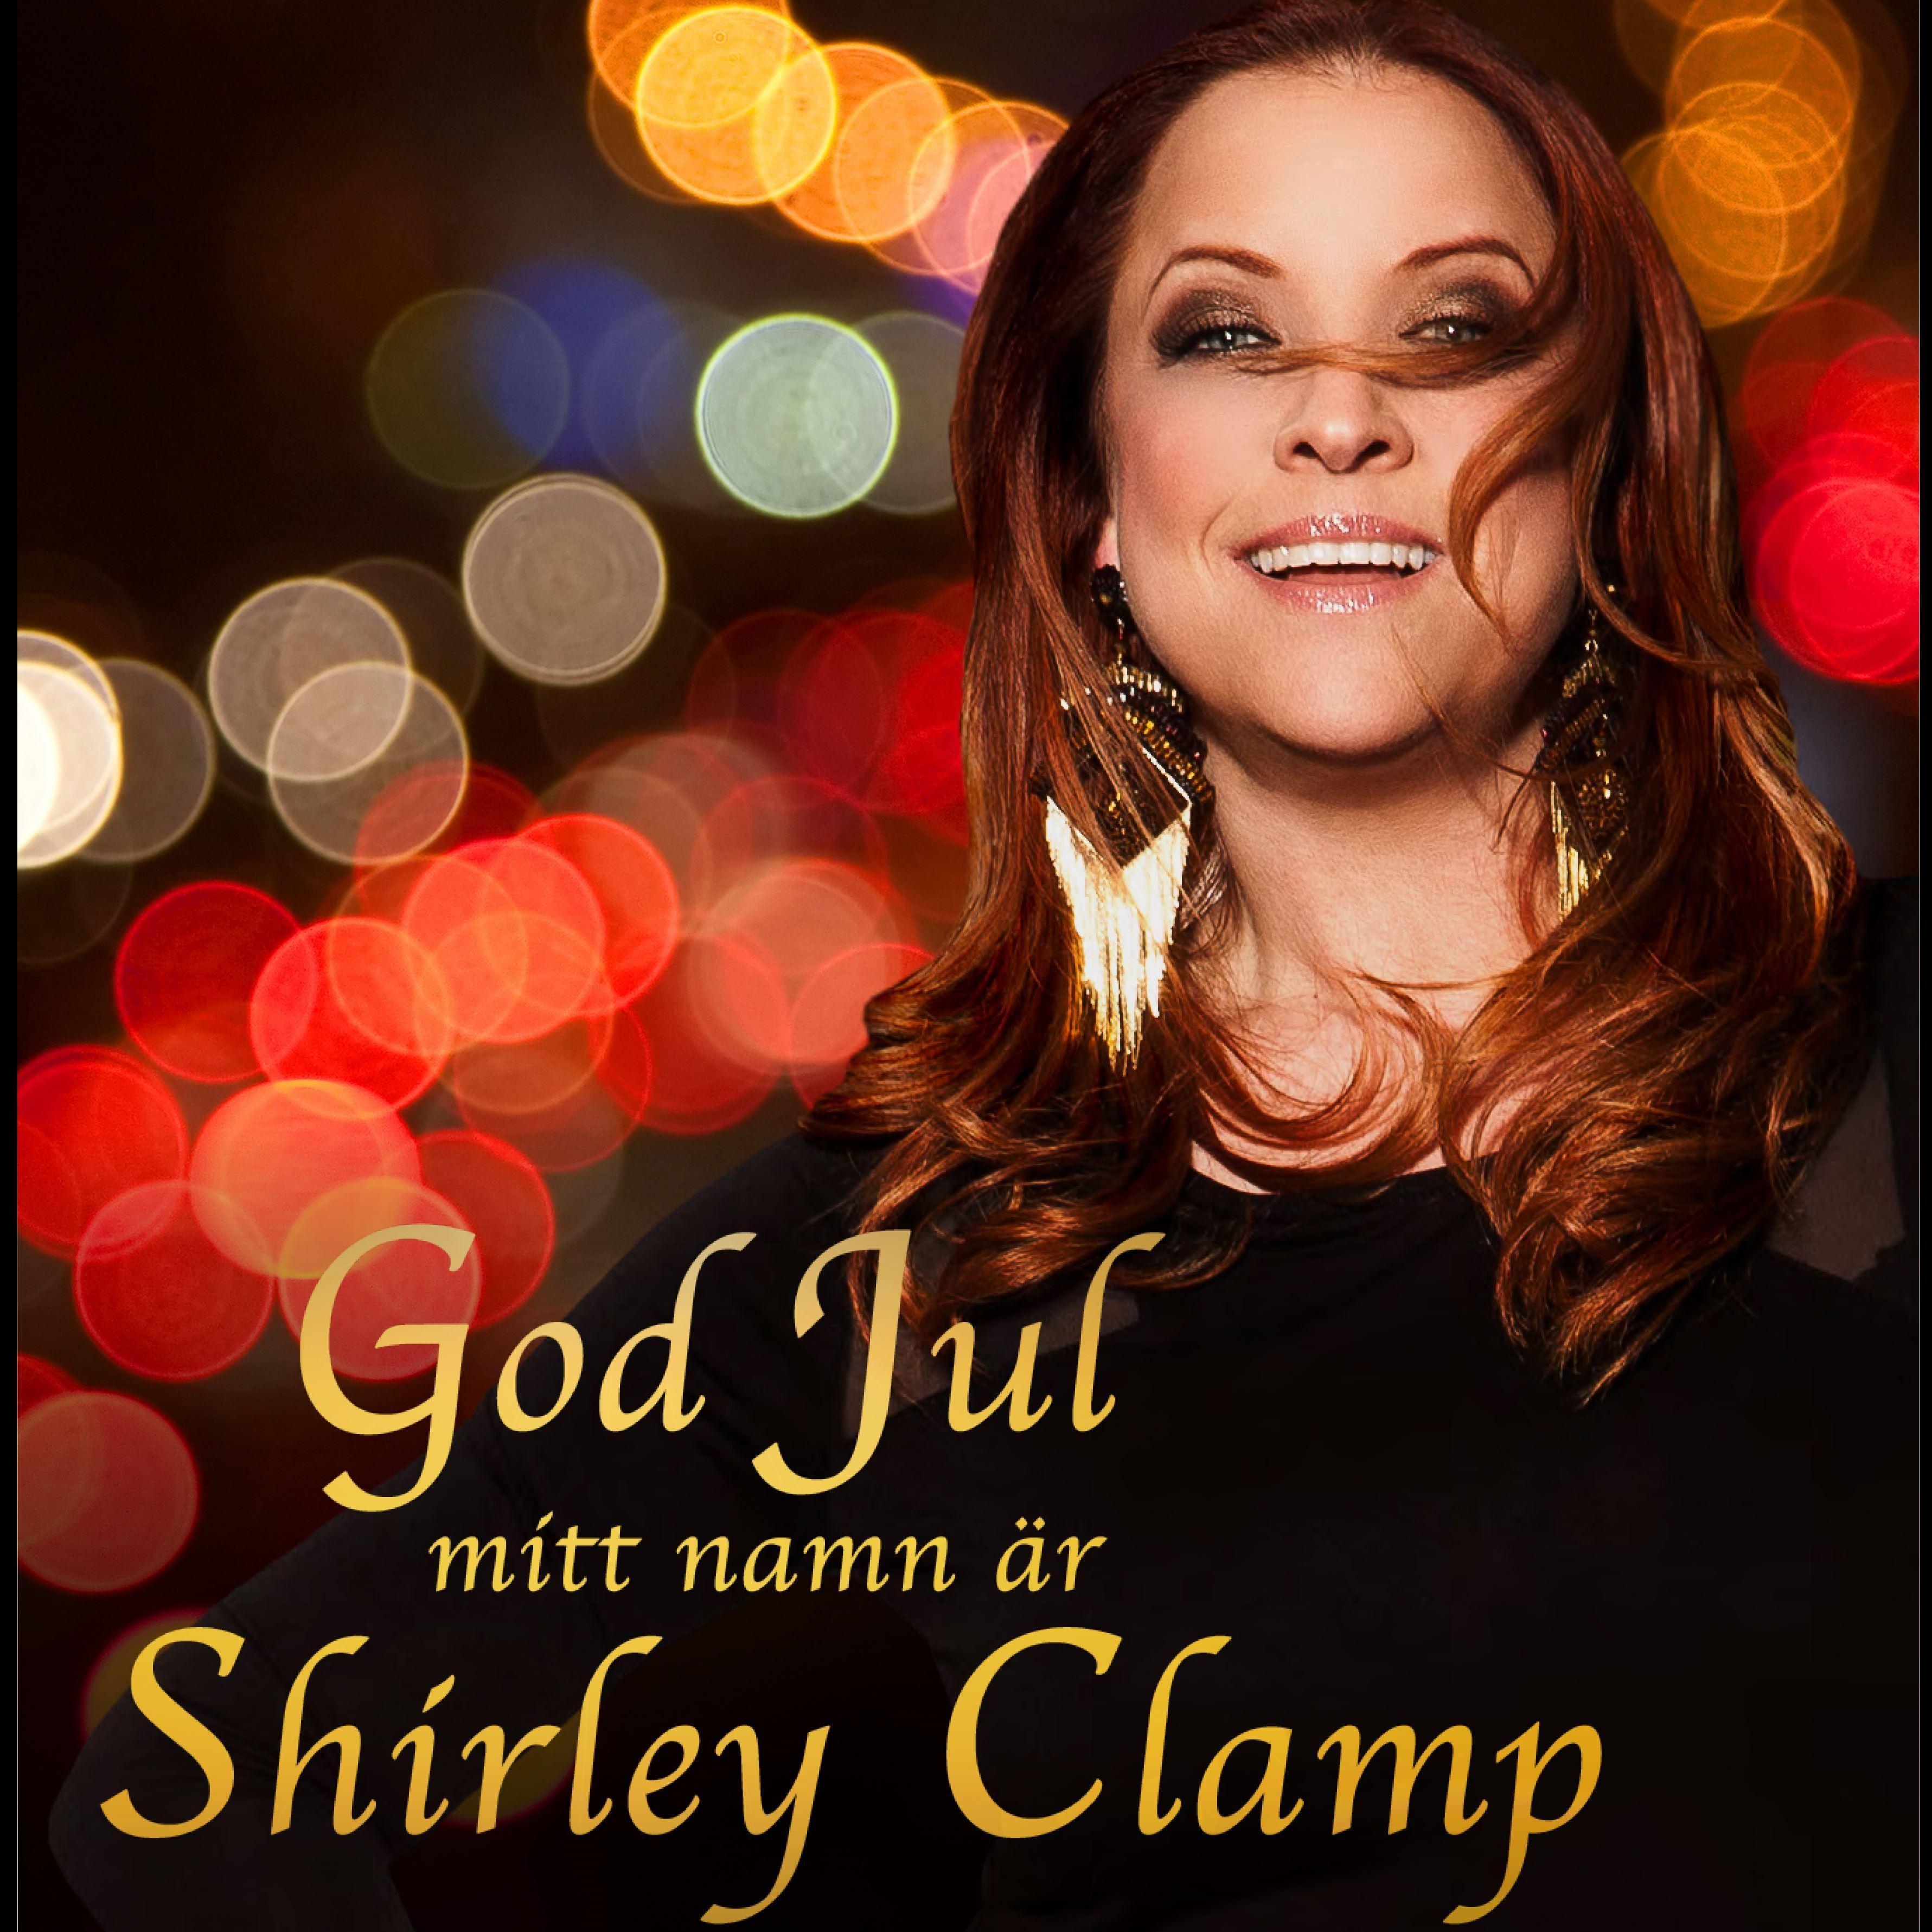 God Jul mitt namn är Shirley Clamp